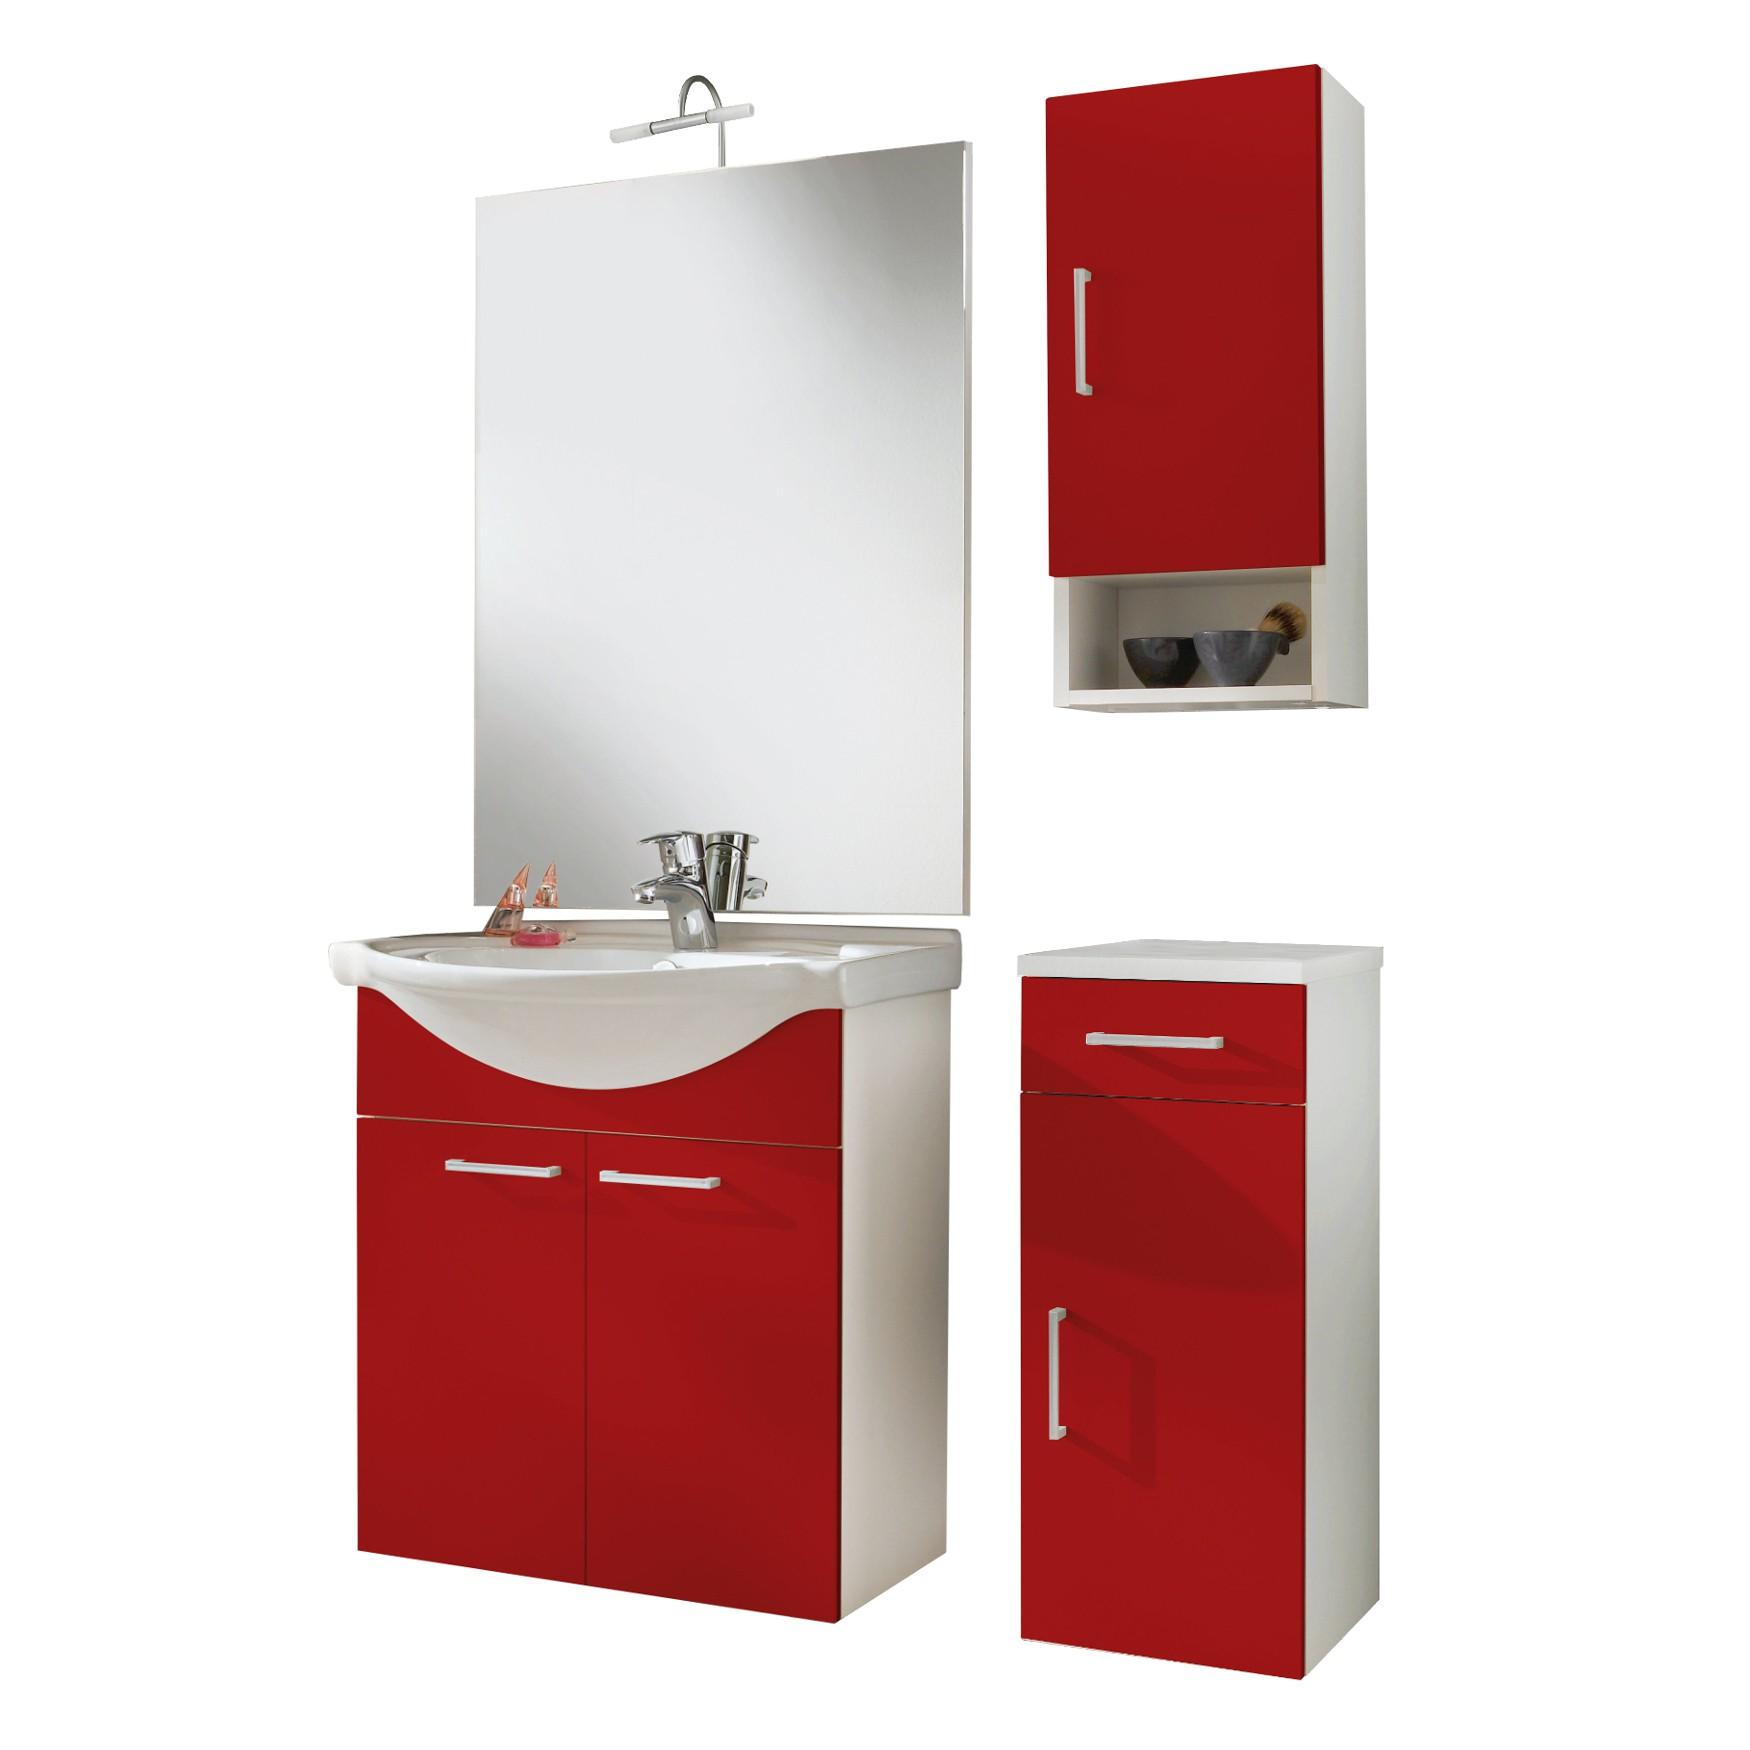 badmobel rot, badmöbel-set adelano - mit waschplatz - 6-teilig - 97 cm breit - rot, Design ideen